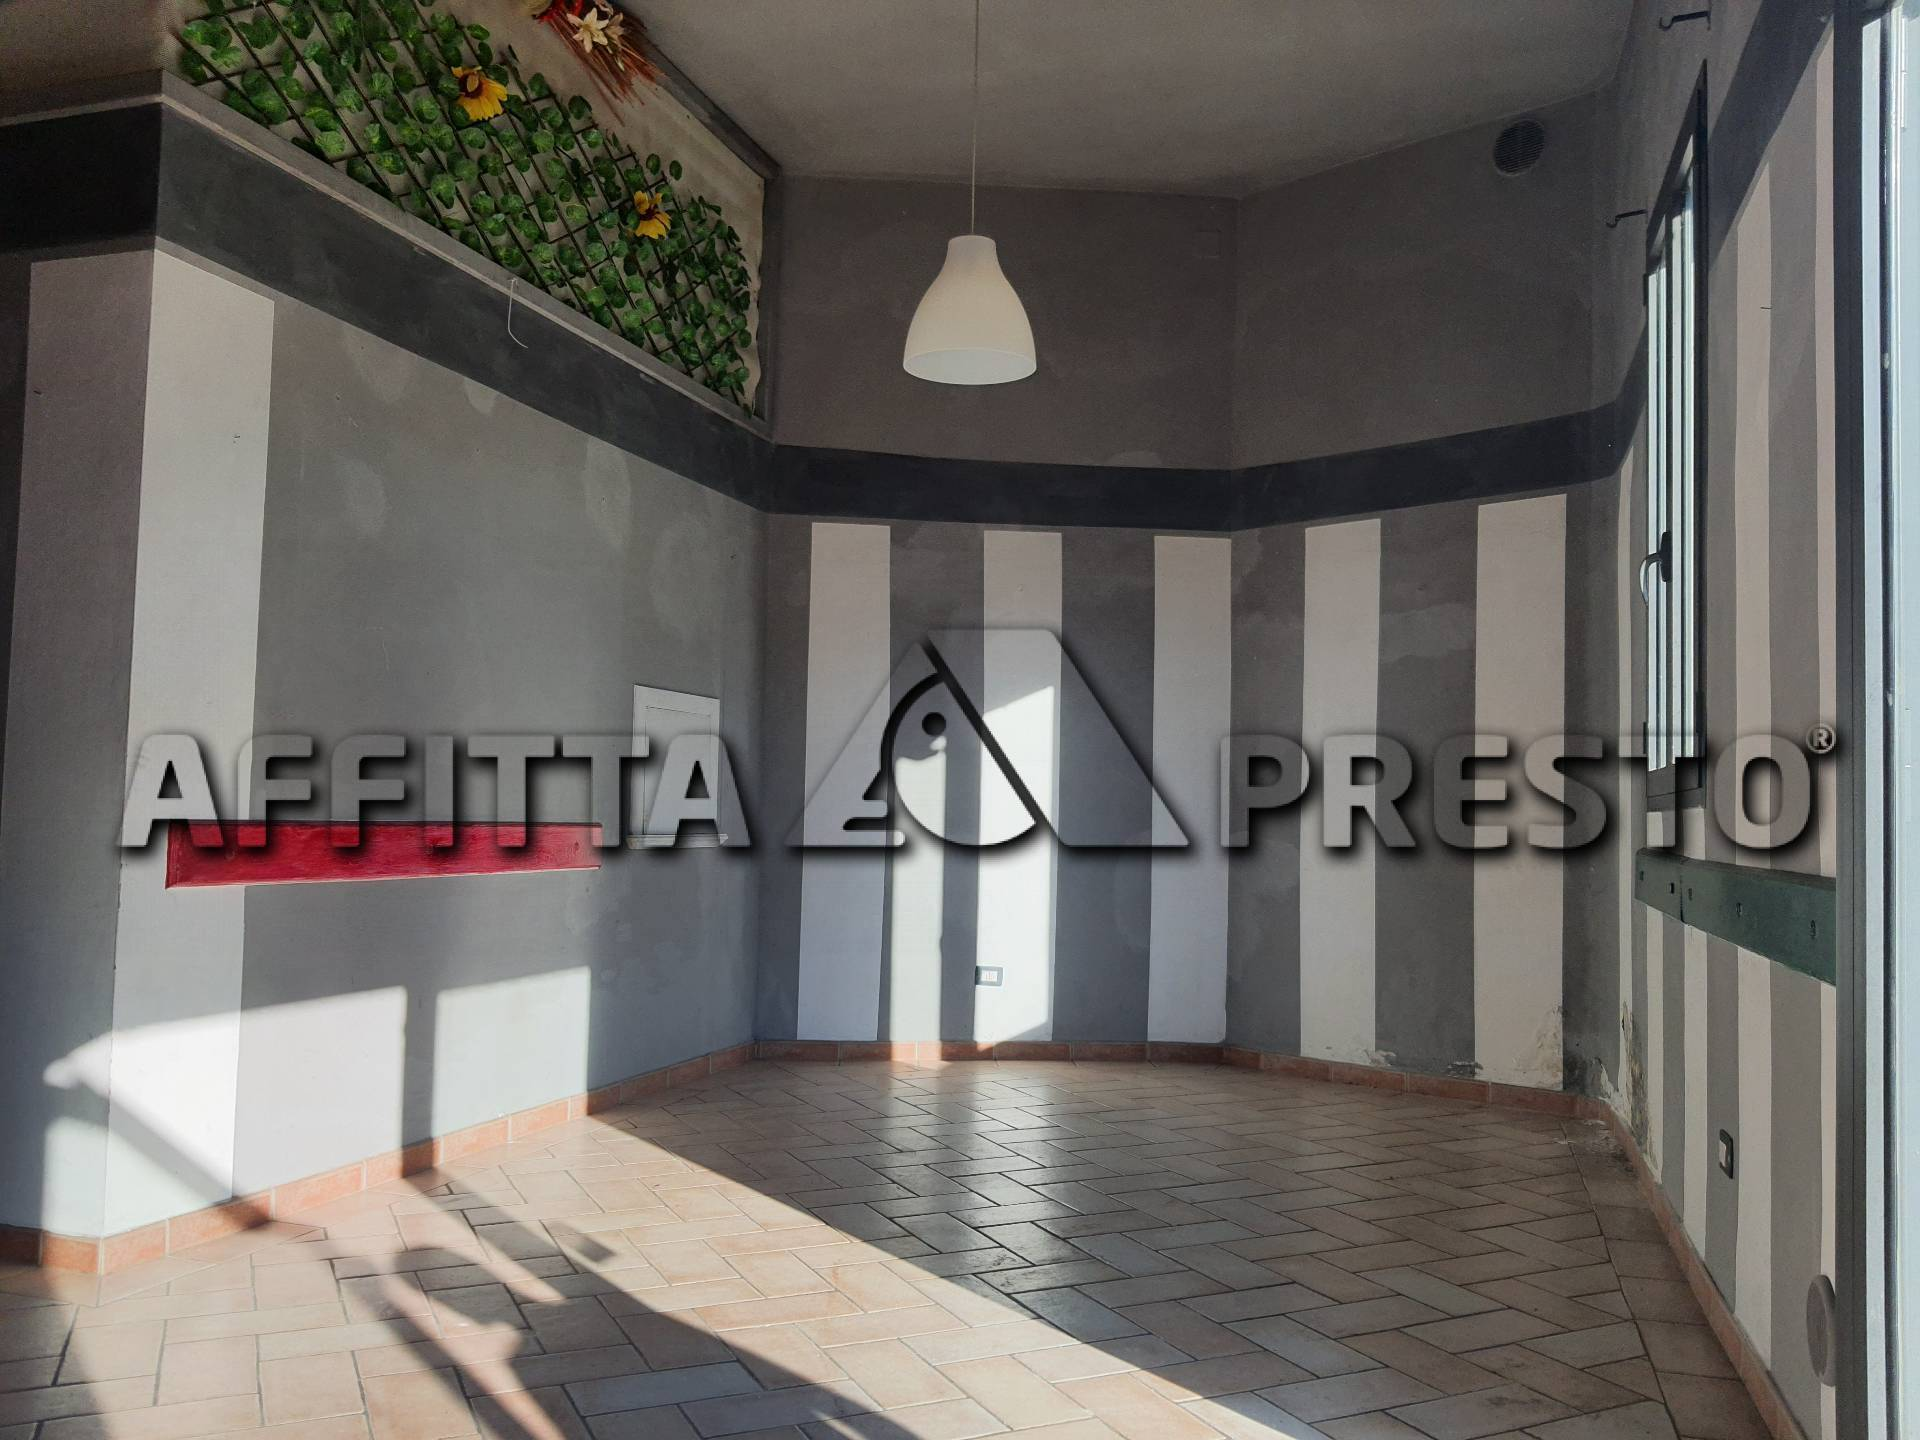 Attività / Licenza in affitto a Castelfranco di Sotto, 9999 locali, prezzo € 700 | CambioCasa.it